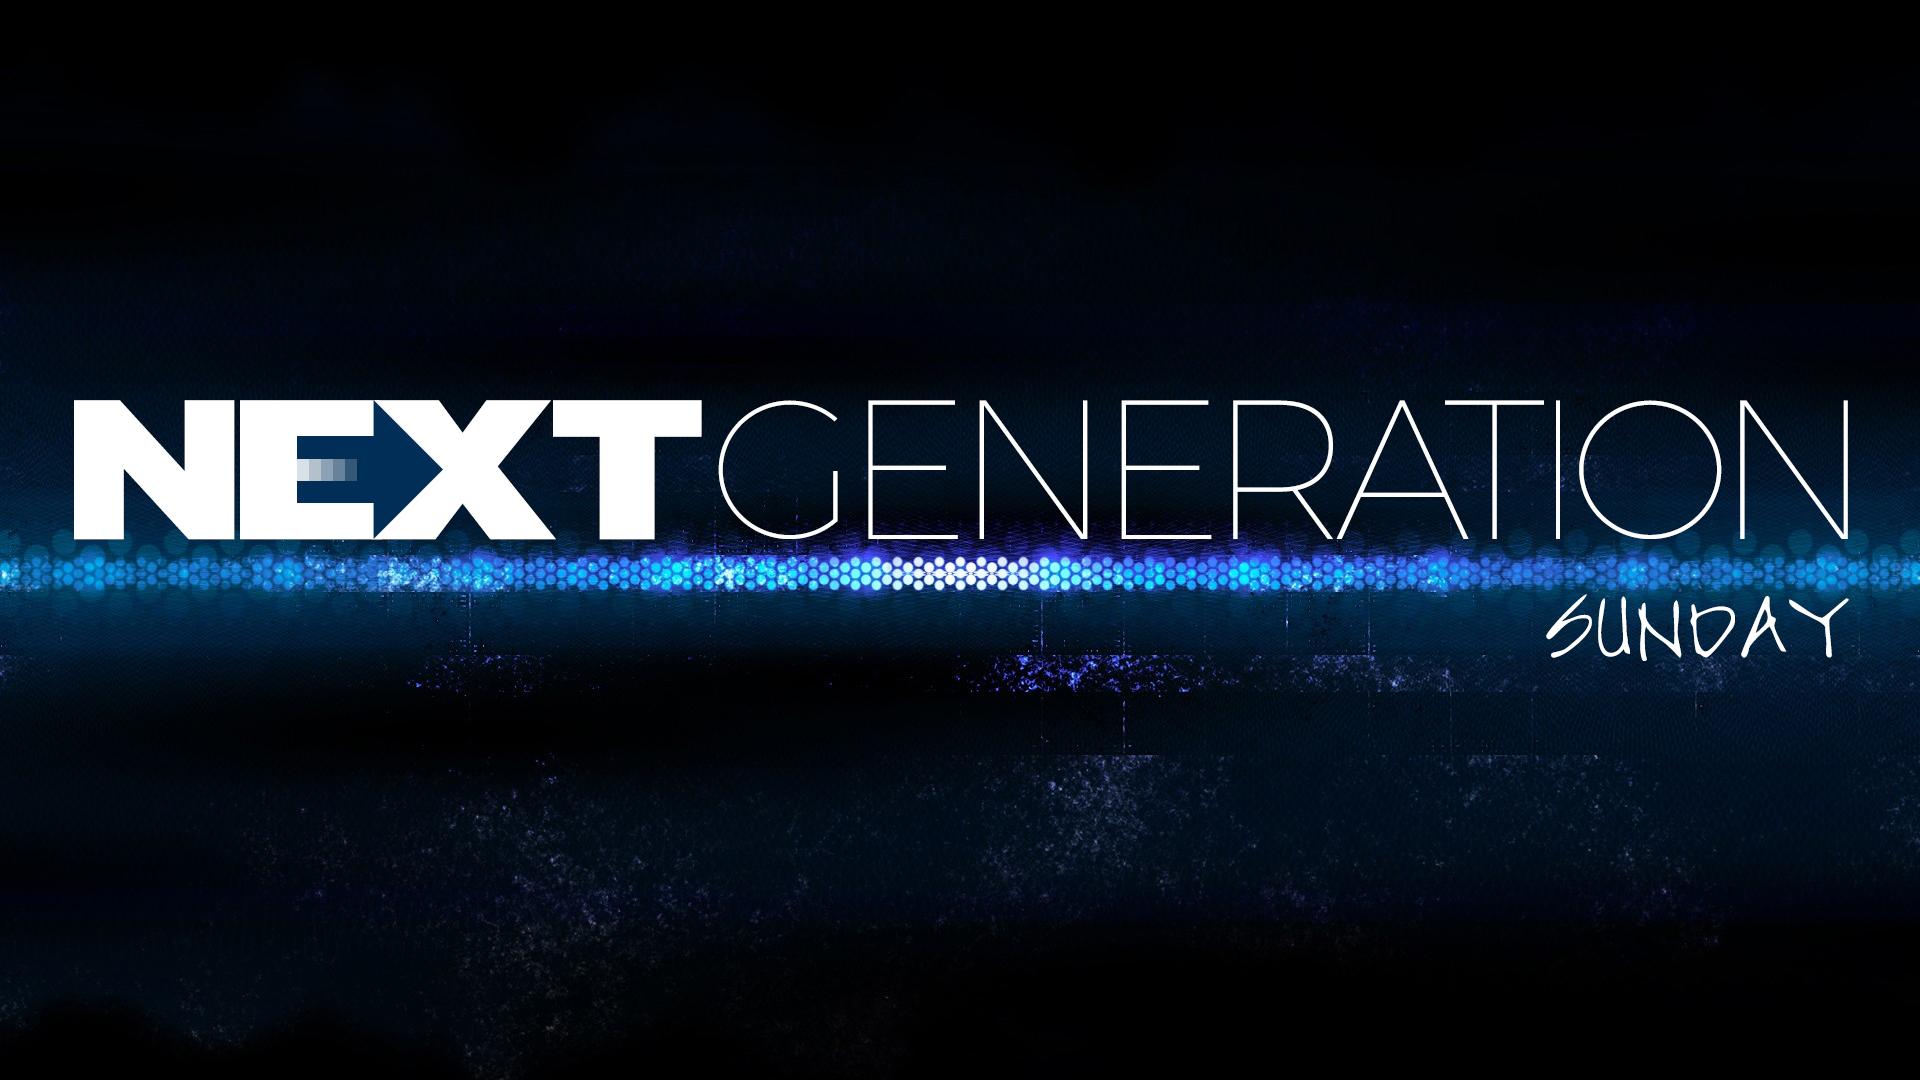 Next Generation Sunday 2015